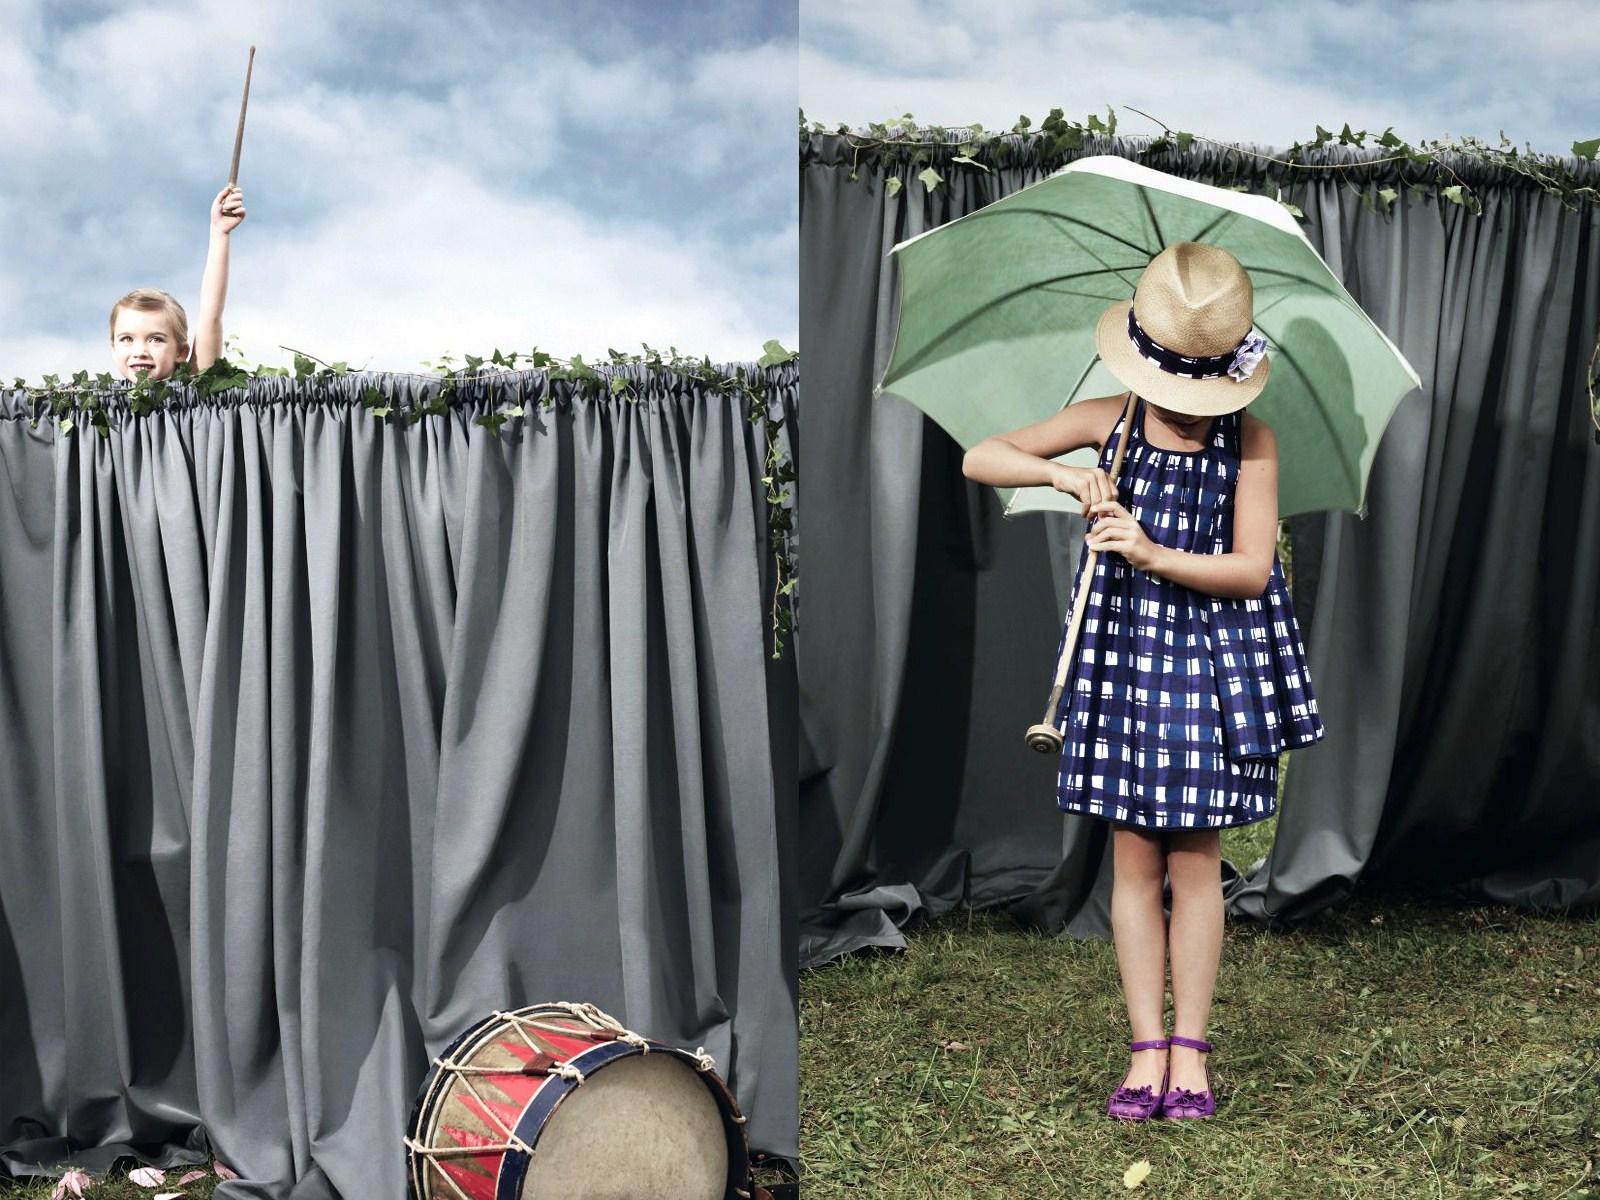 Одежда, Baby Dior ЦУМ, ул. Петровка, 2, тел.(495) 933 7300